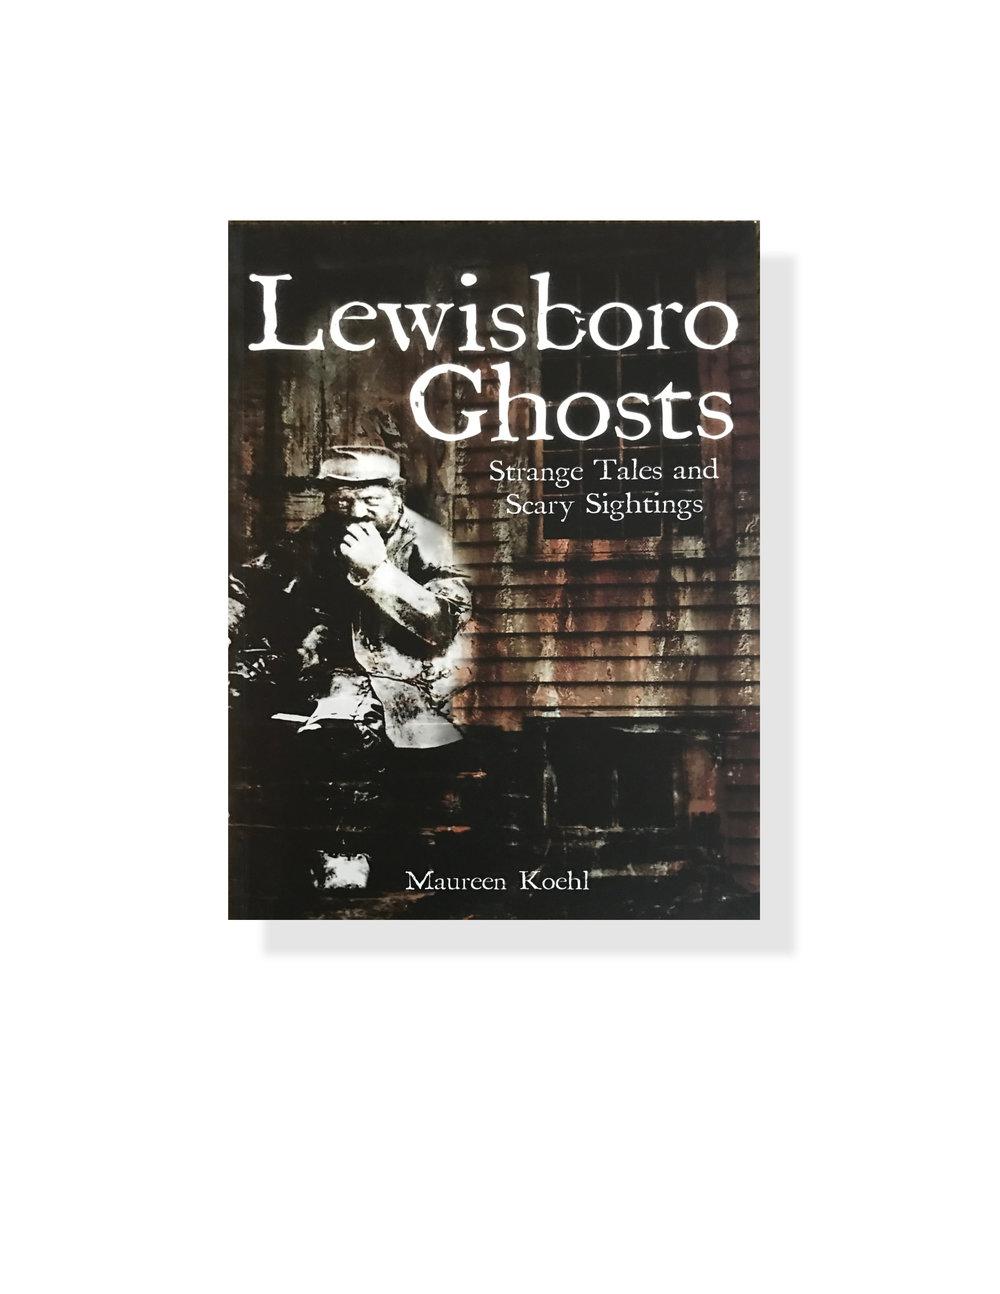 LewisboroGhosts.jpg